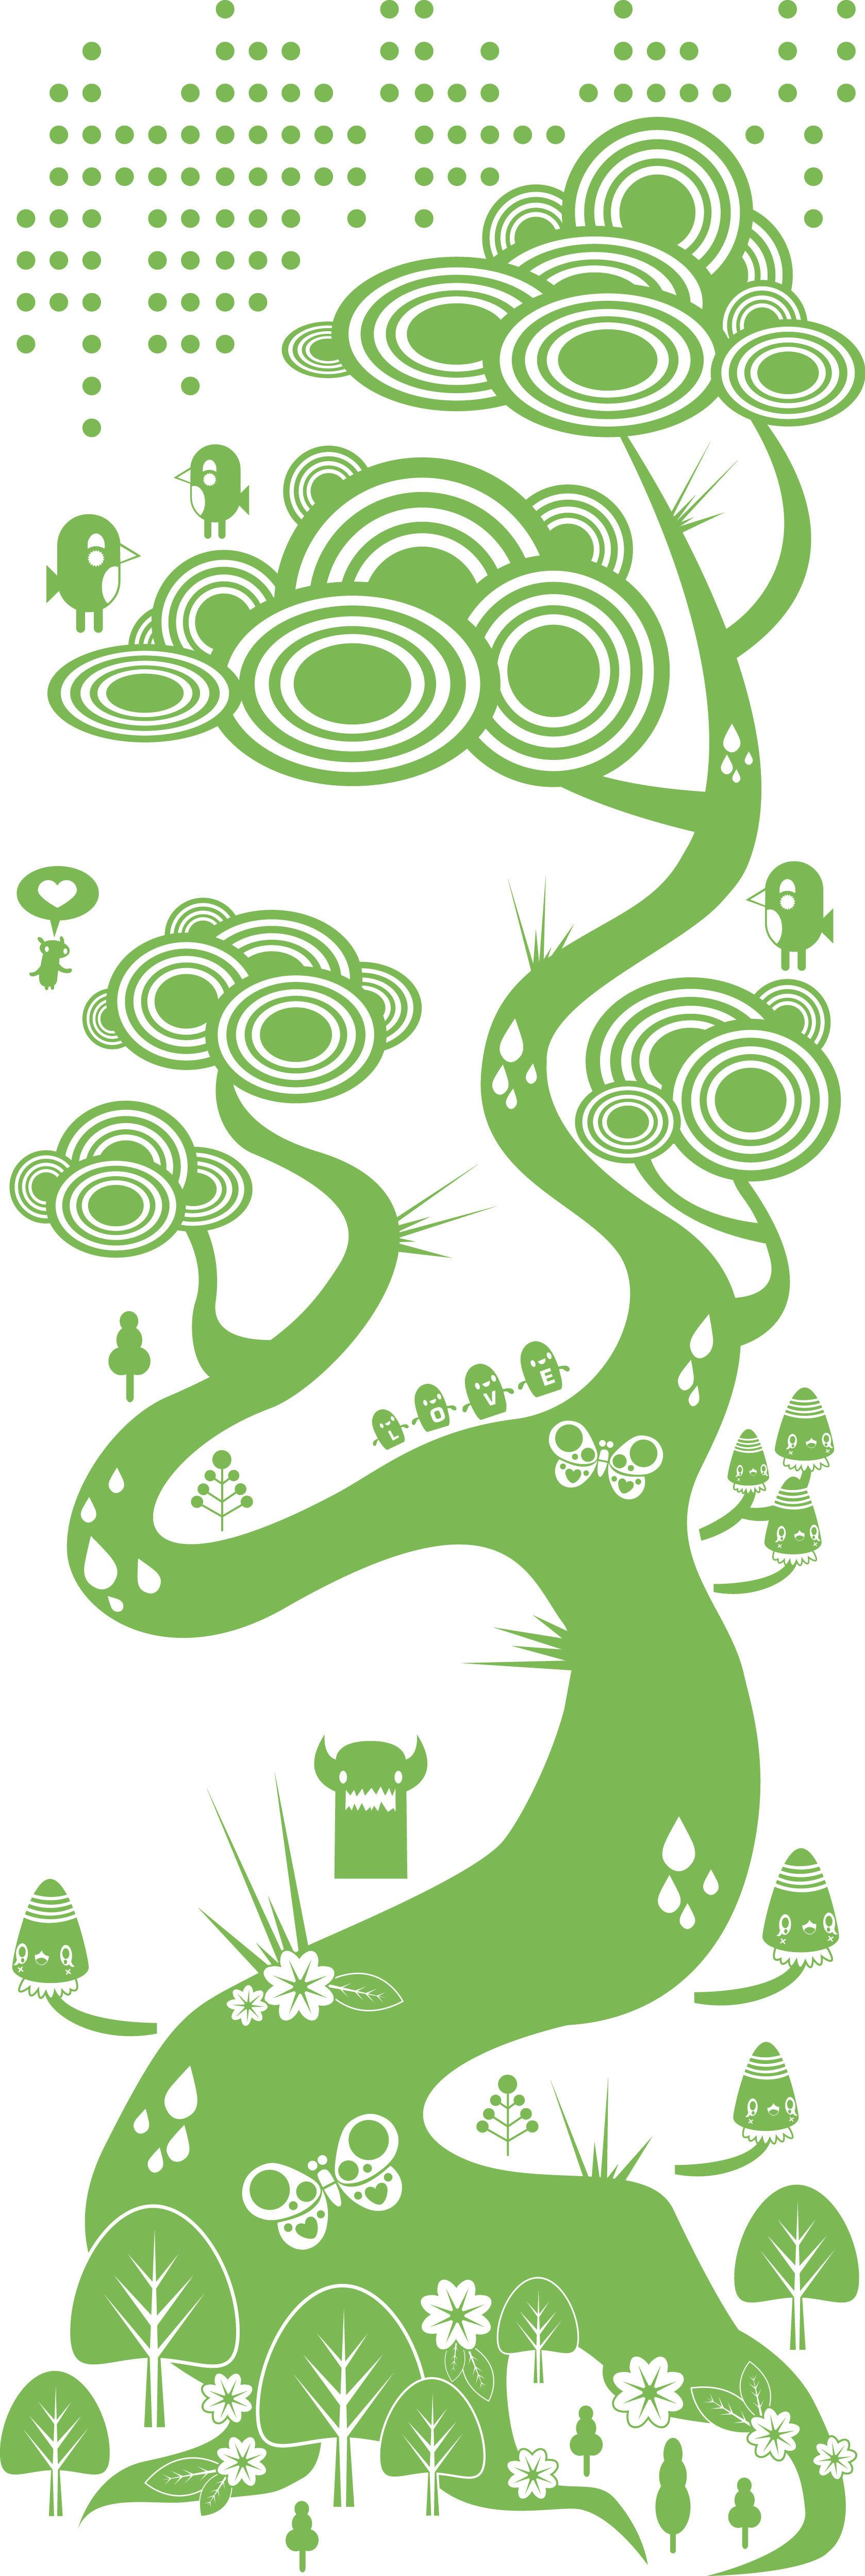 Interni - Sticker - Sticker Flora and Fauna 1 Green di Domestic - Verde - Vinile